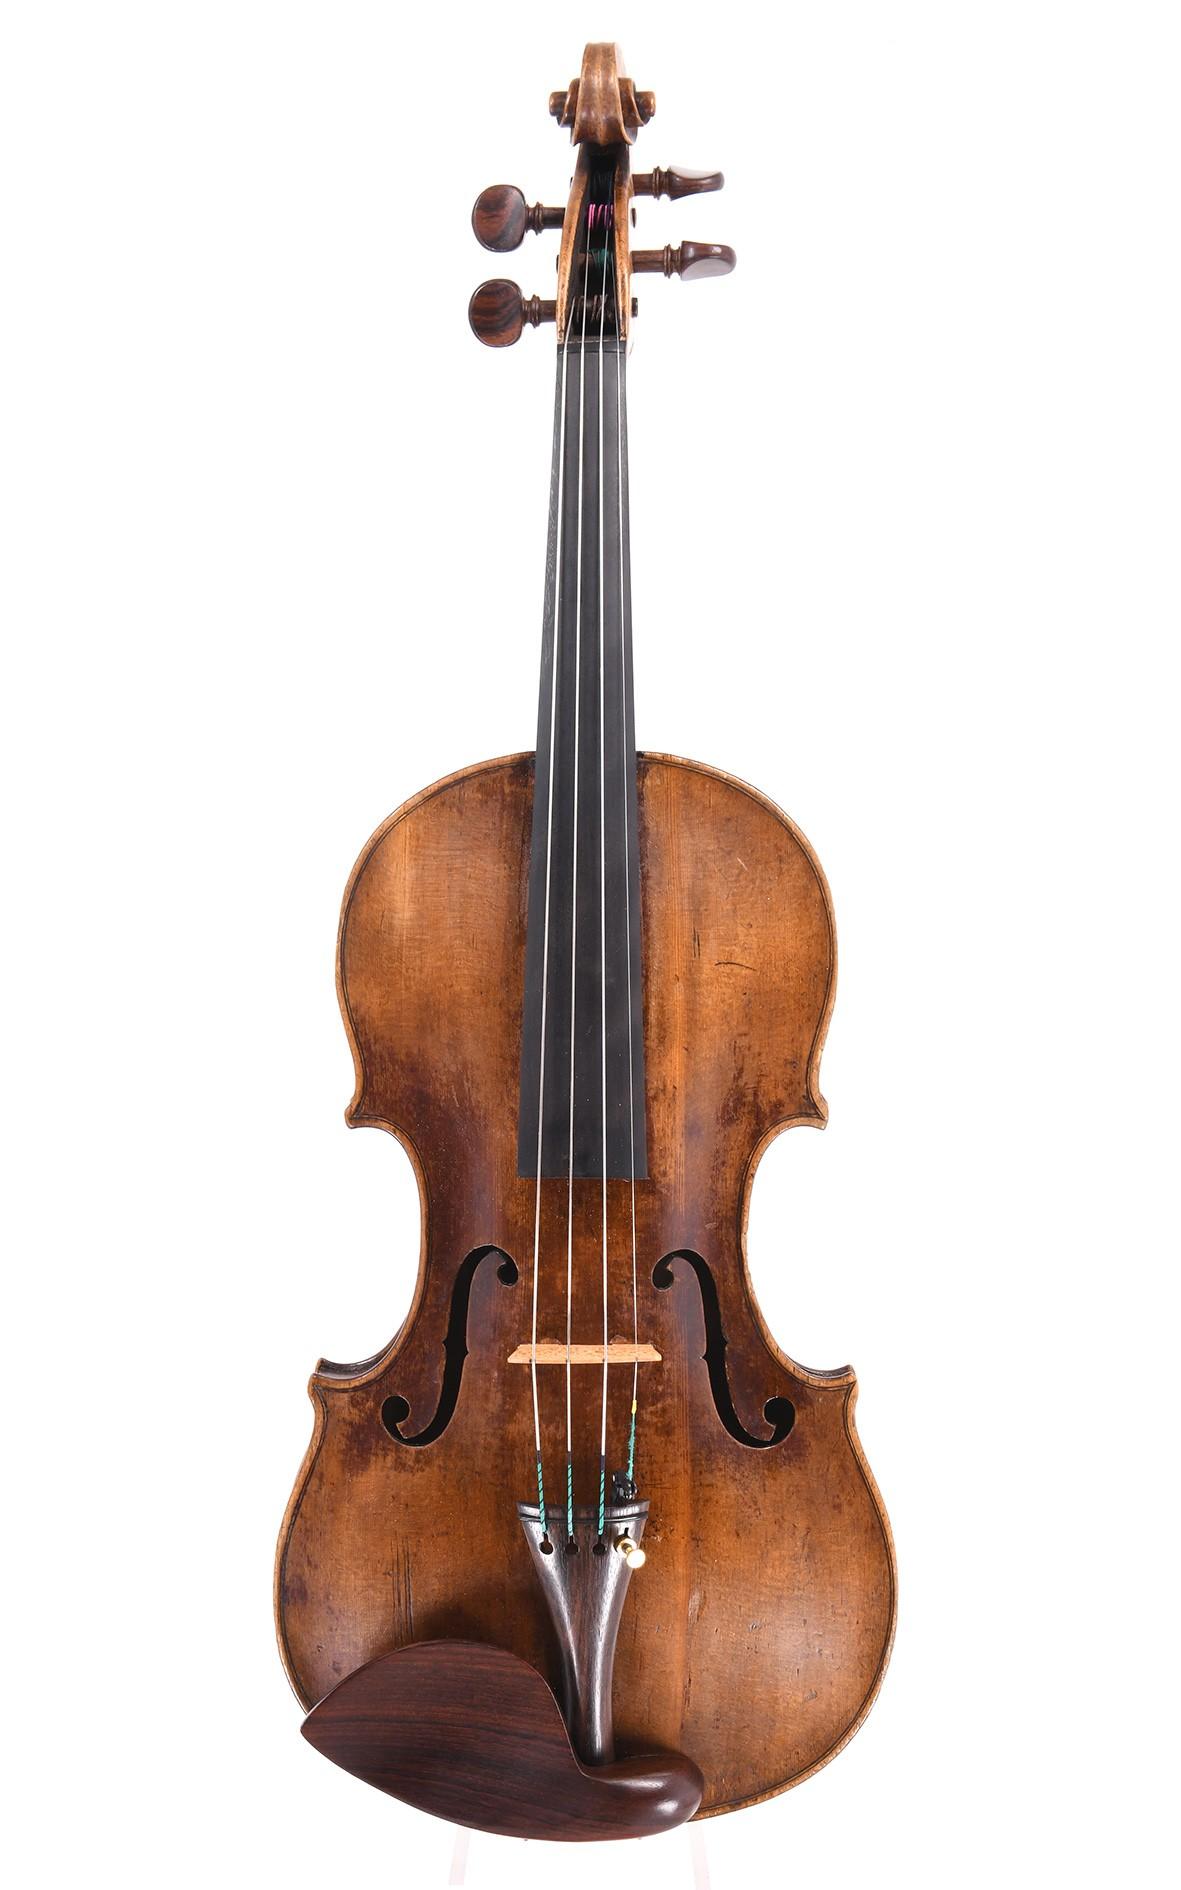 Violine von Andreas Gäßler, Mittenwald 1764